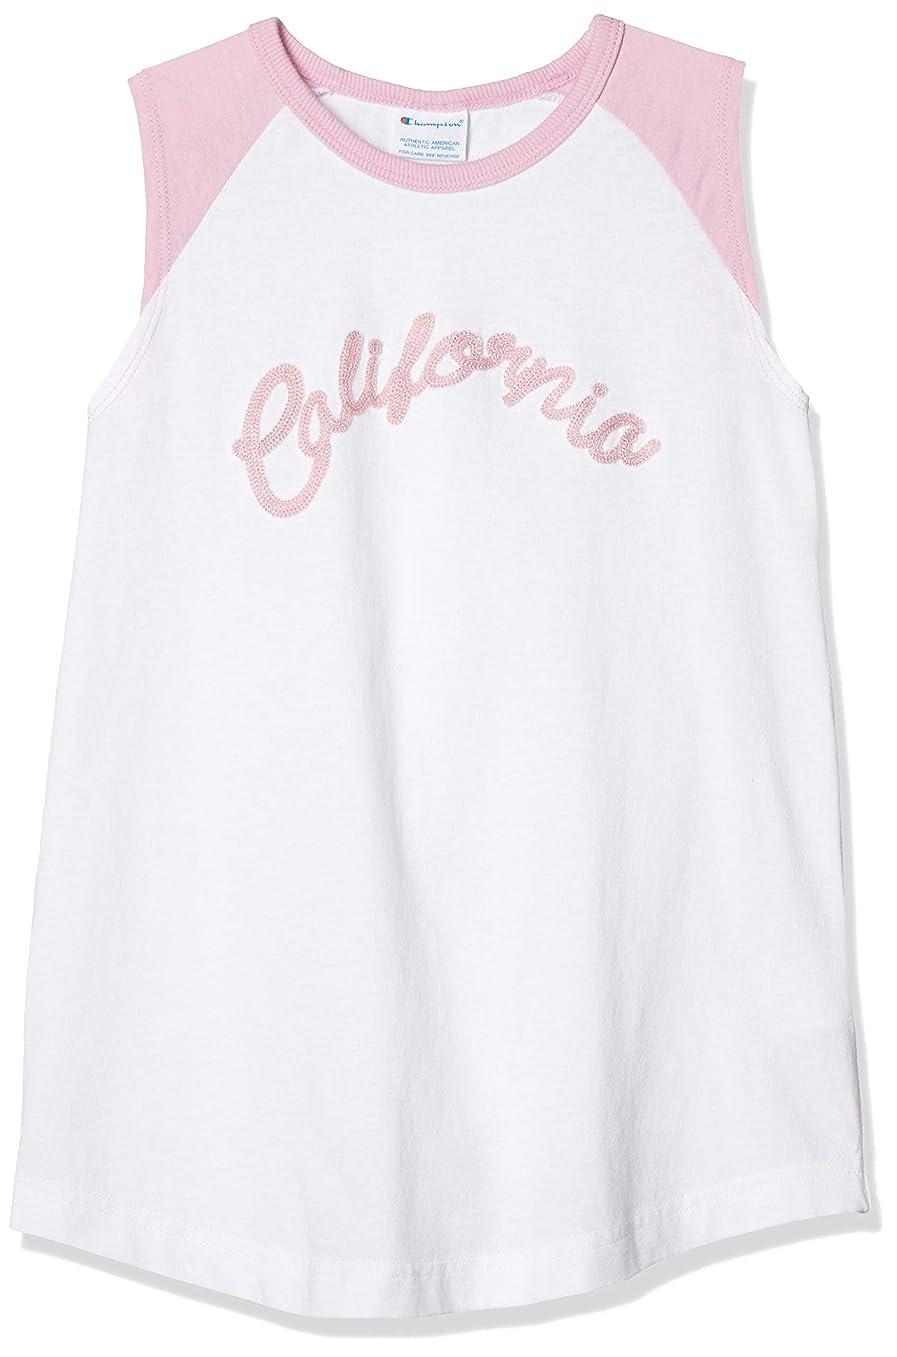 内向き教室バルコニー[チャンピオン] ノースリーブラグランTシャツ CS5000 ガールズ